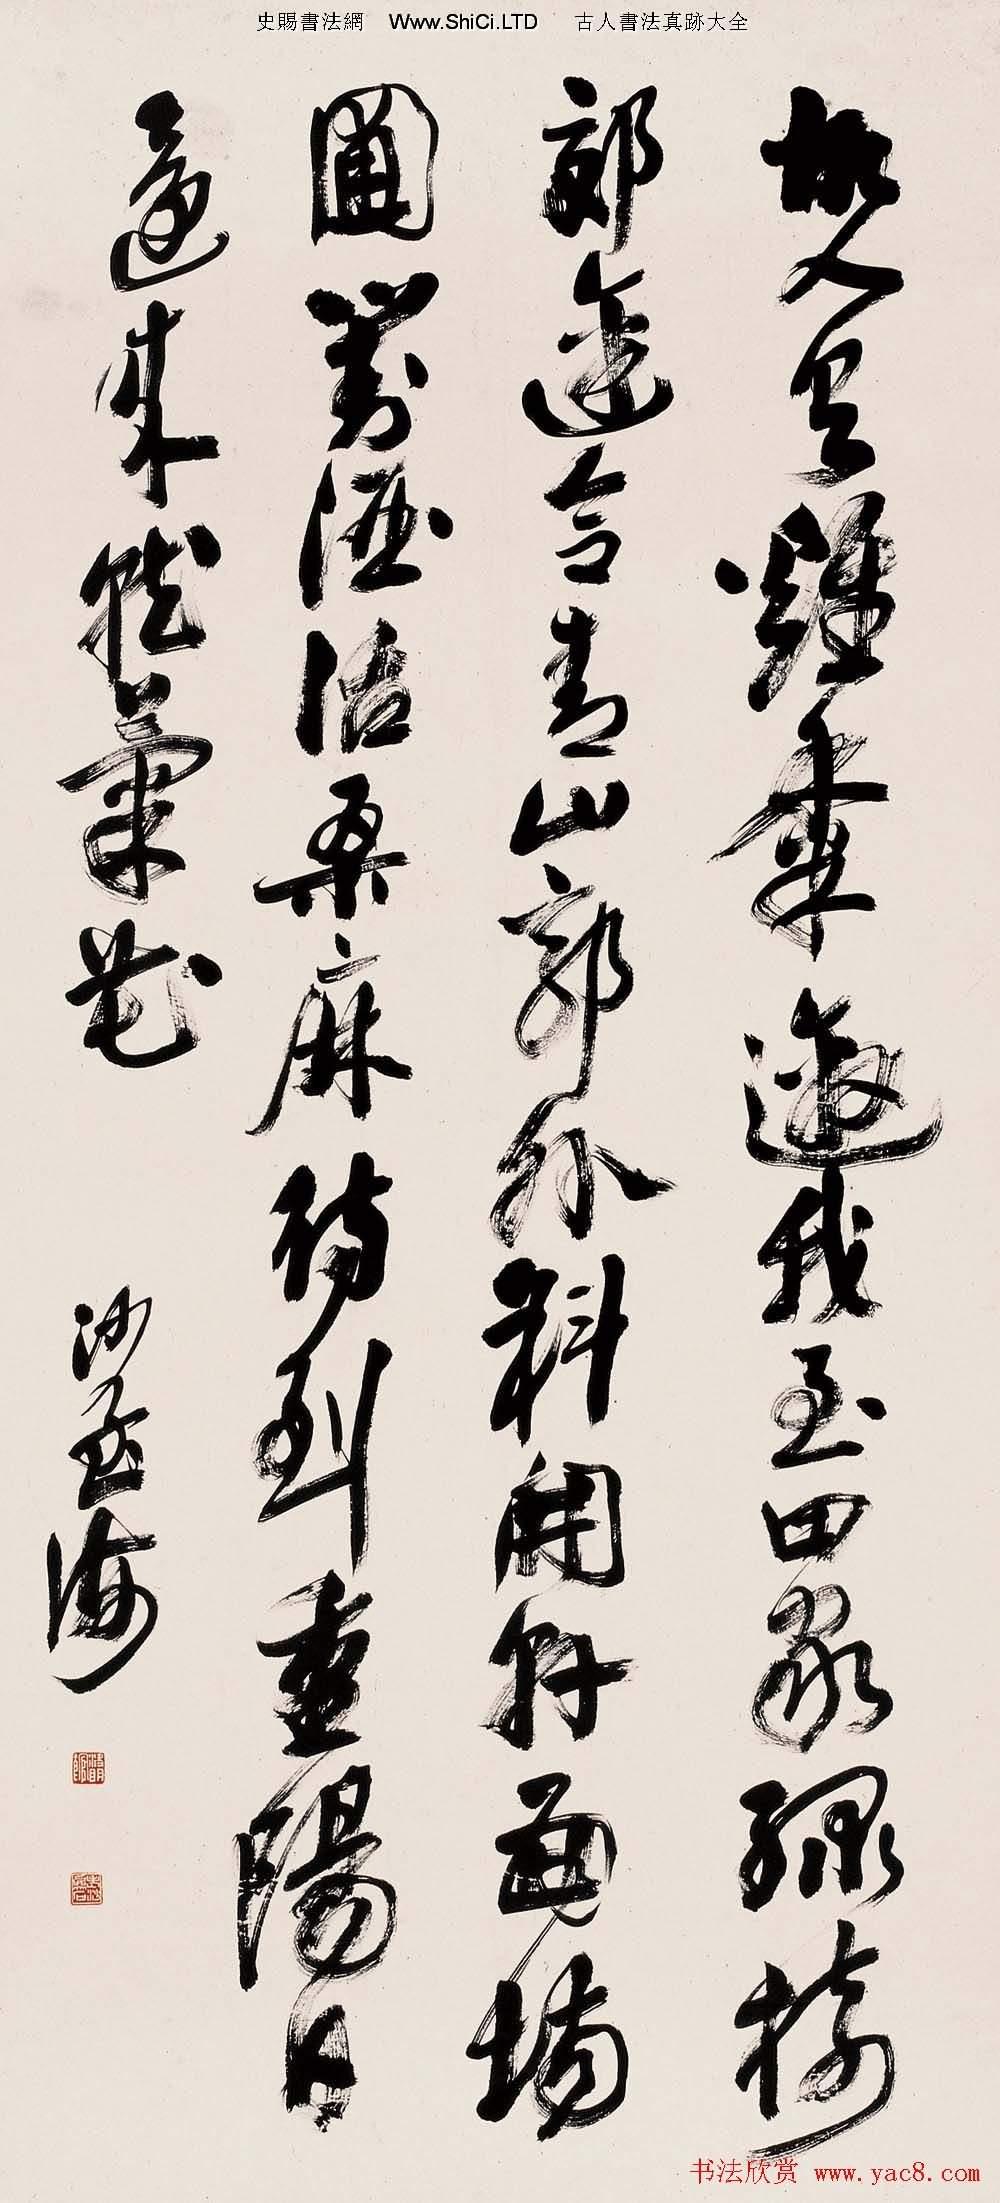 書壇泰斗沙孟海書法藝術展高清大圖